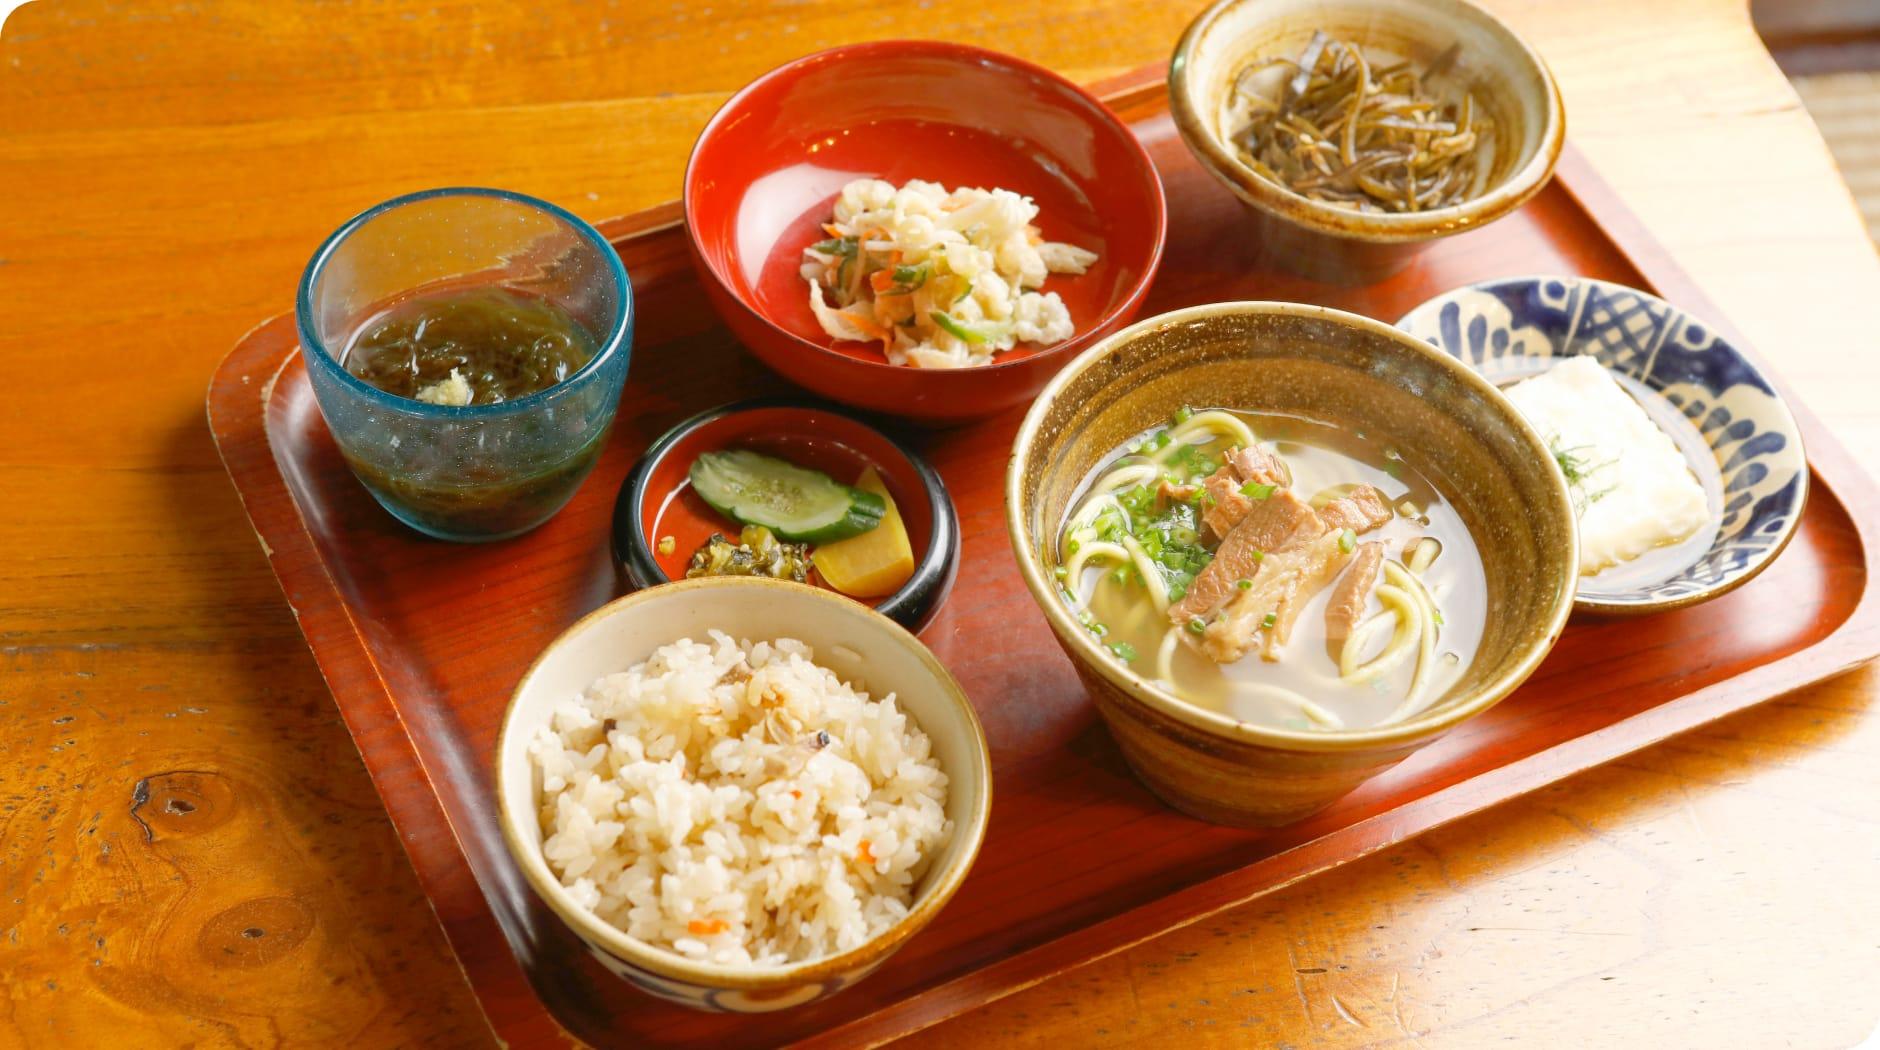 Funakura no Sato